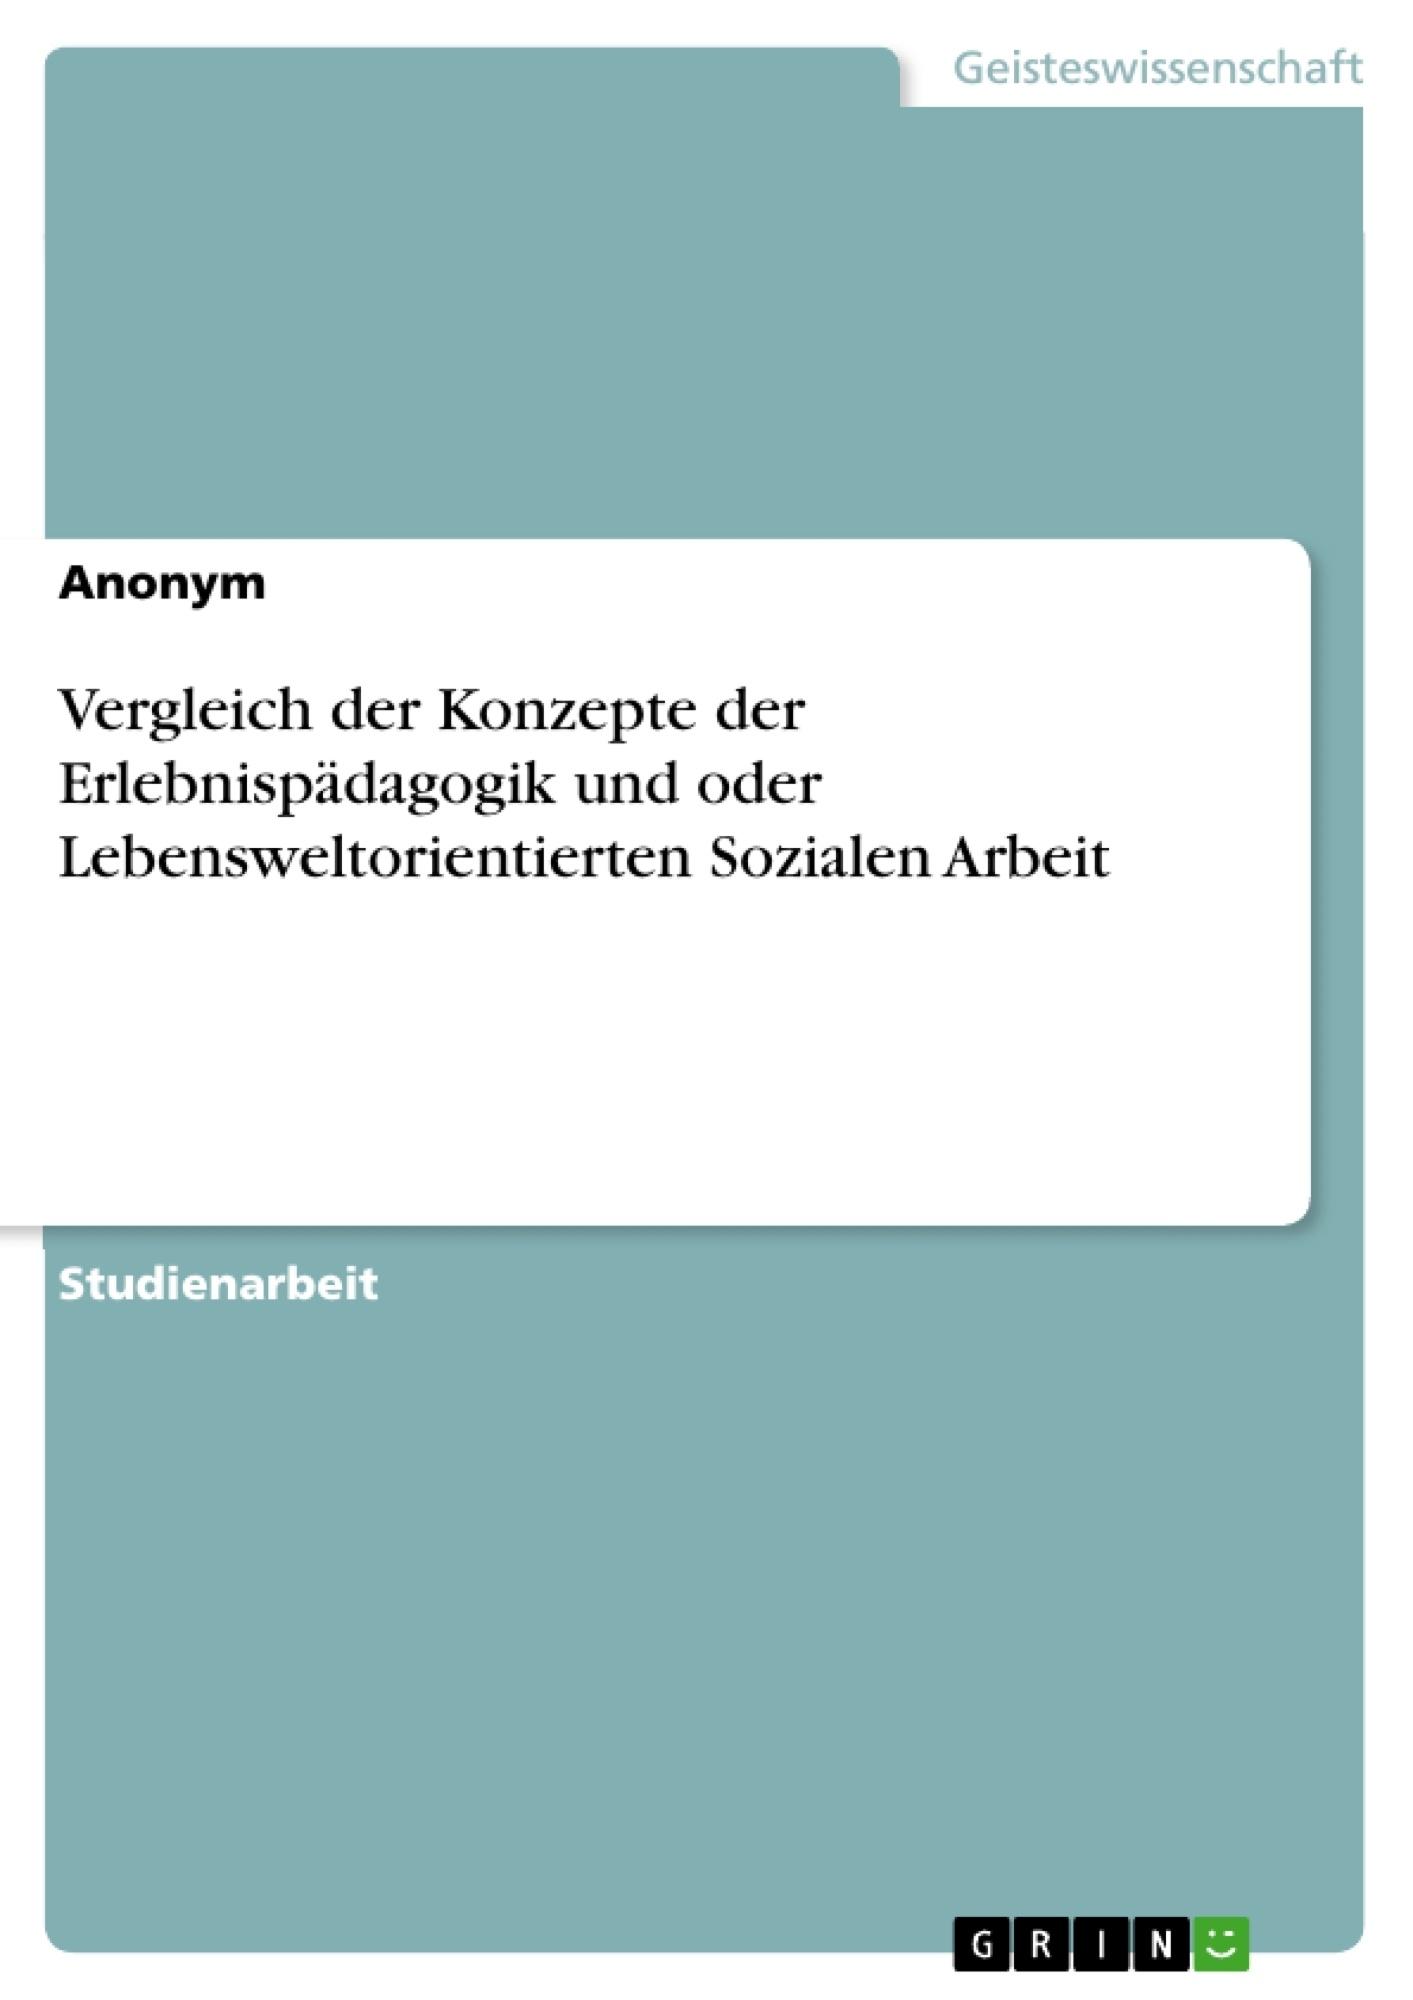 Titel: Vergleich der Konzepte der Erlebnispädagogik und oder Lebensweltorientierten Sozialen Arbeit